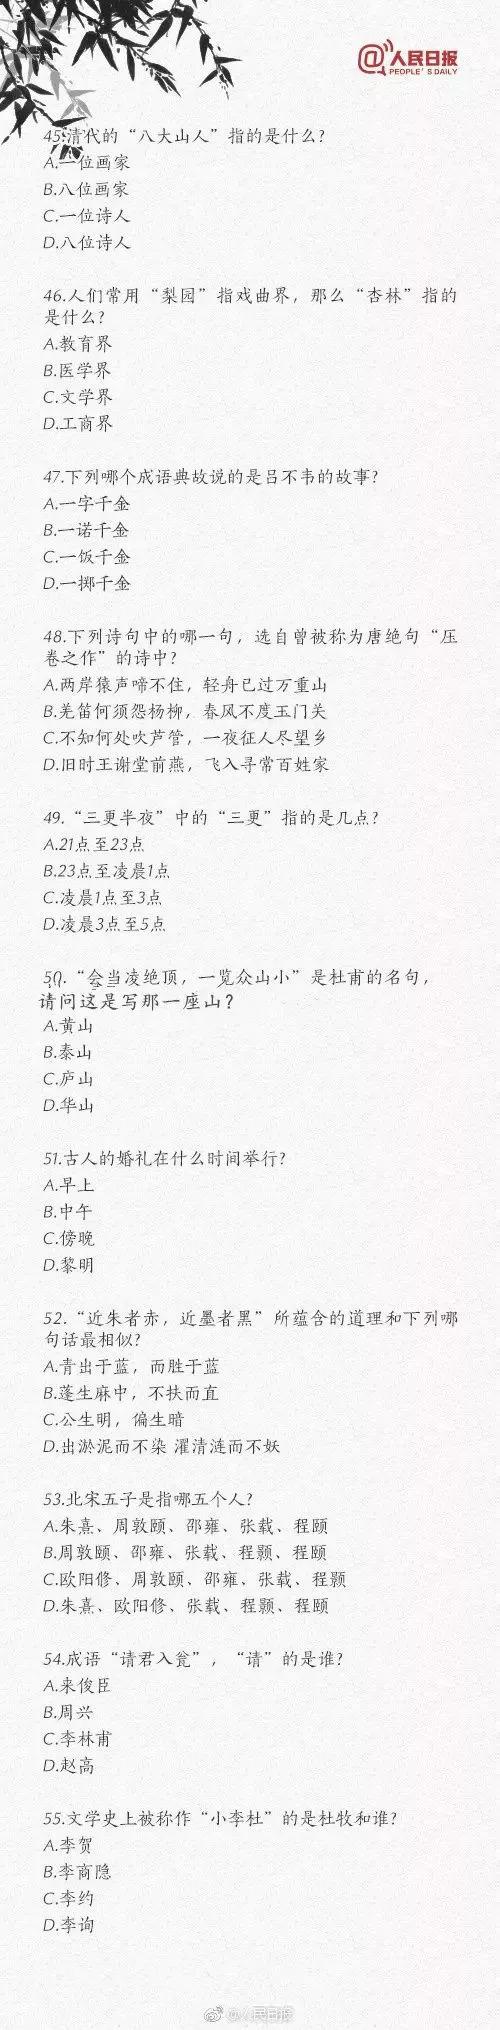 必赢娱乐官方网站 5